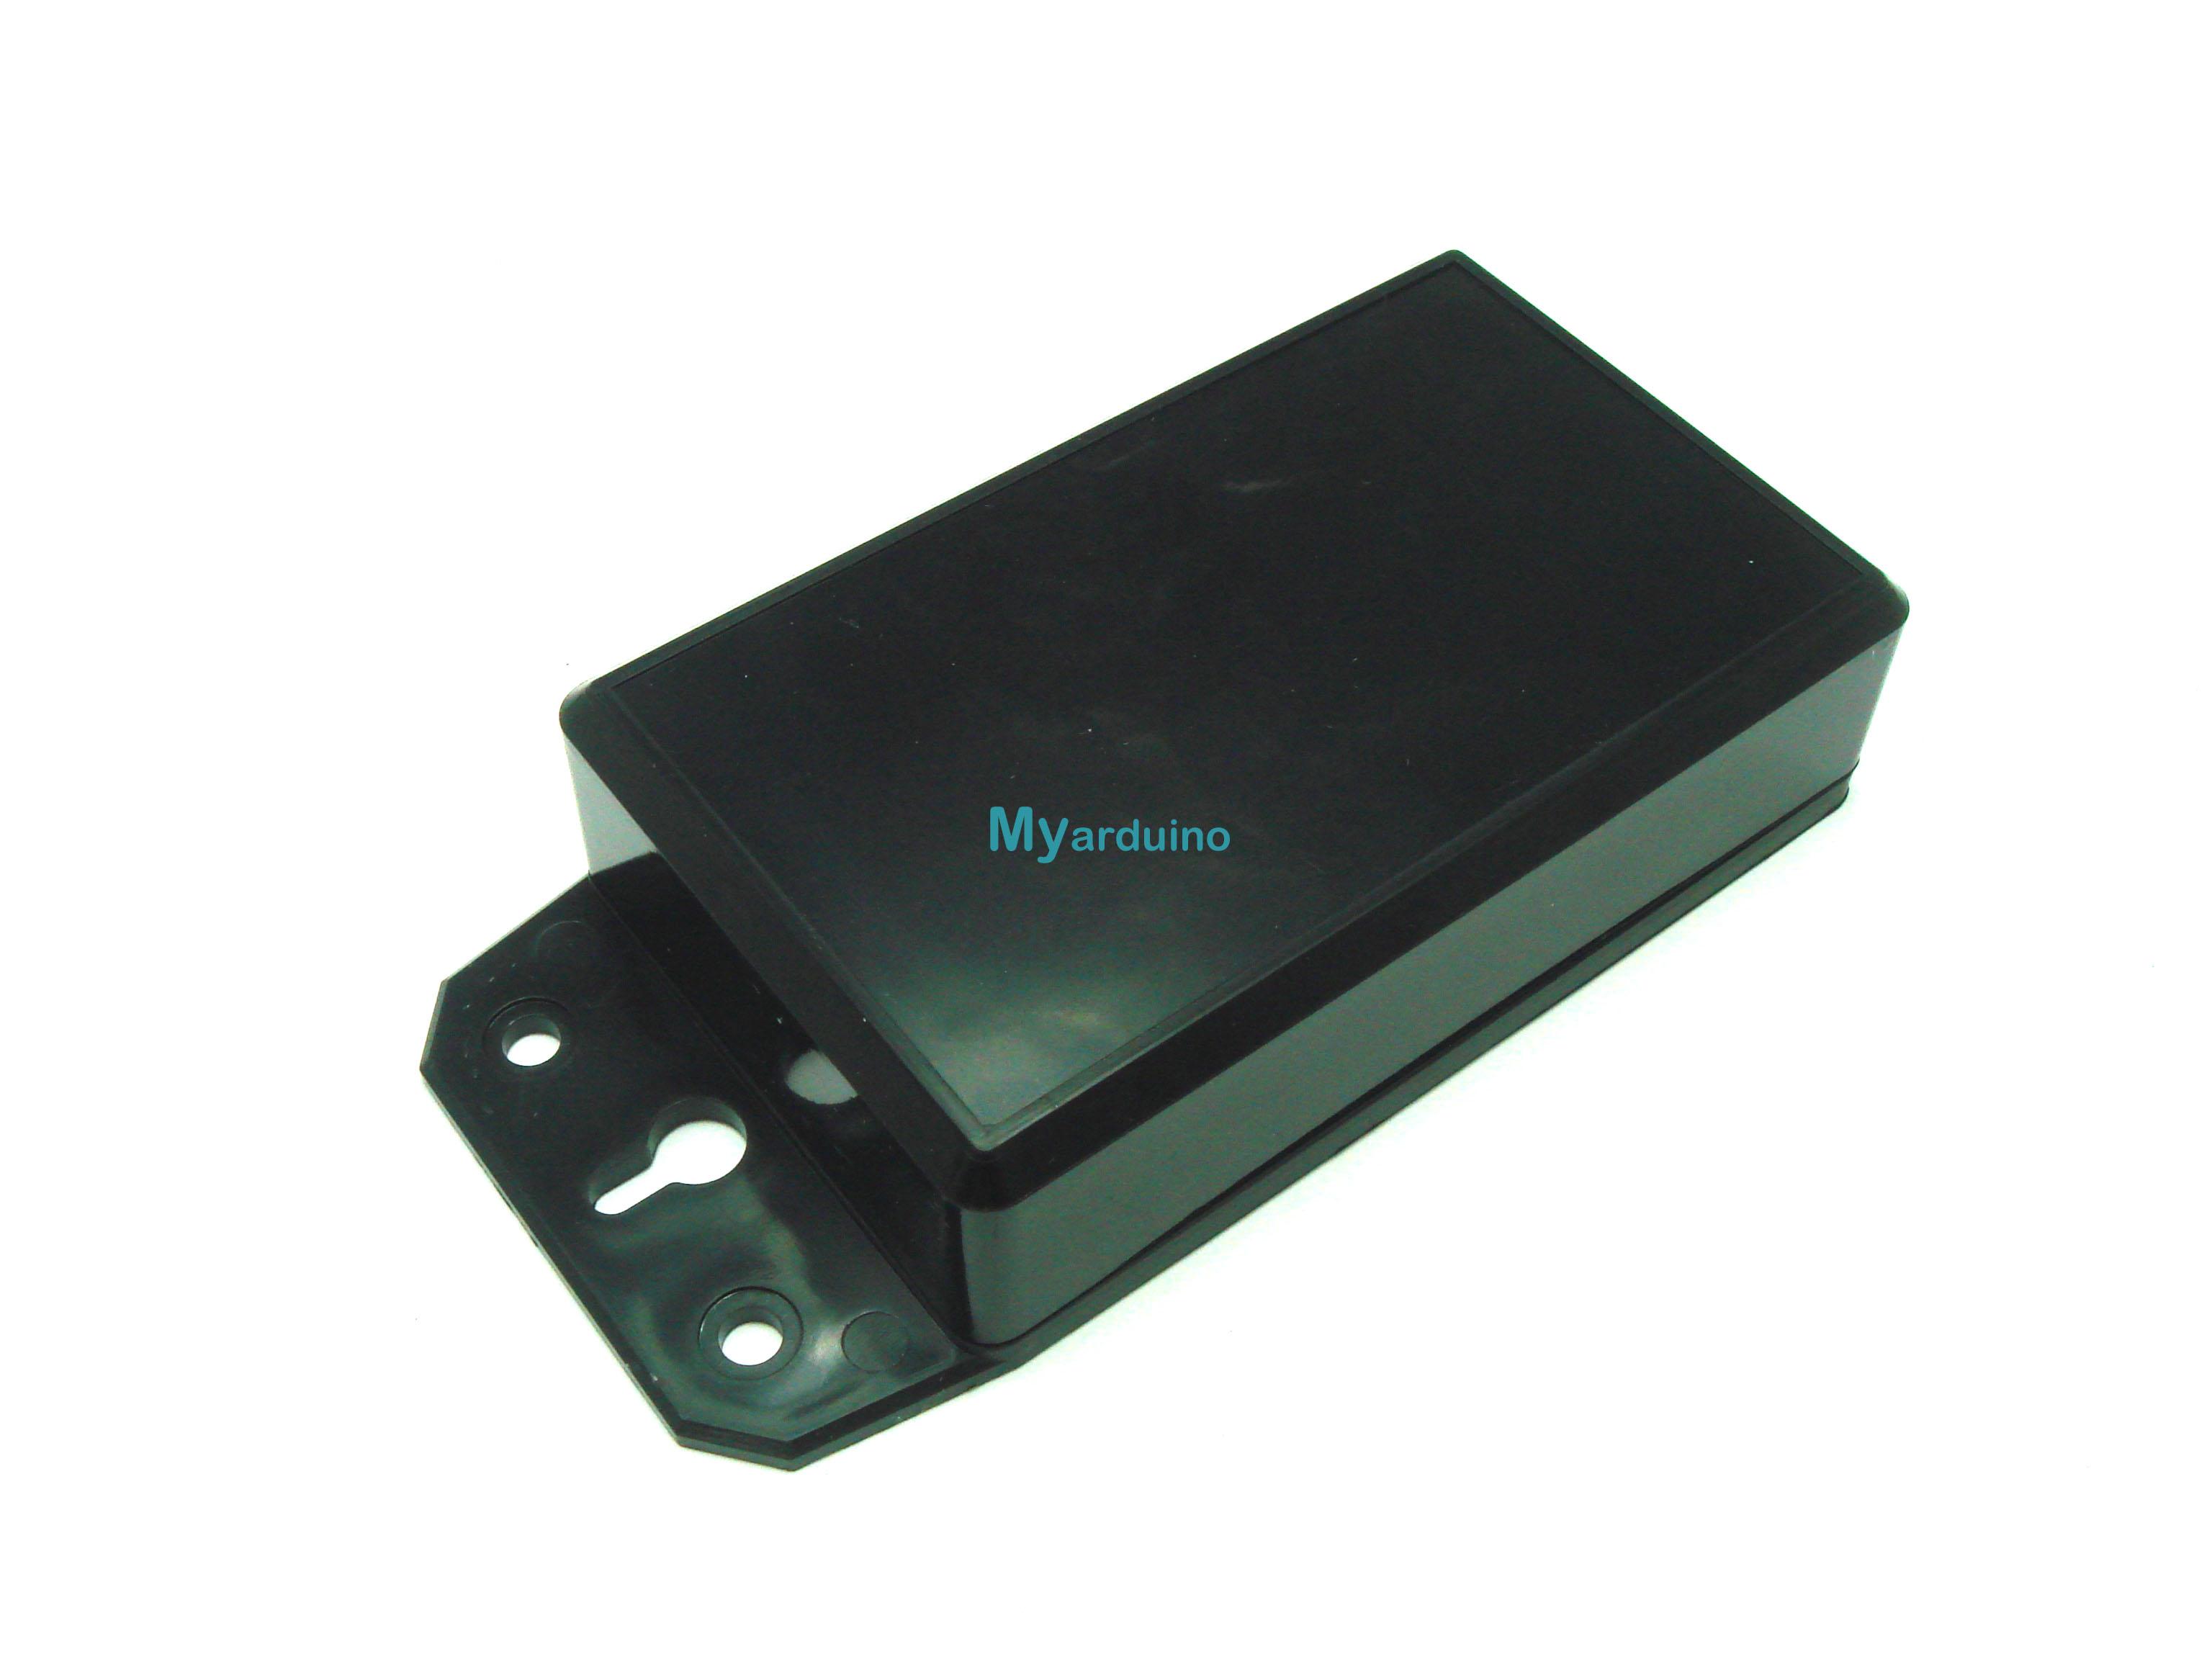 กล่องอิเล็กทรอนิกส์ อเนกประสงค์ สีดำ 100*60*27mm